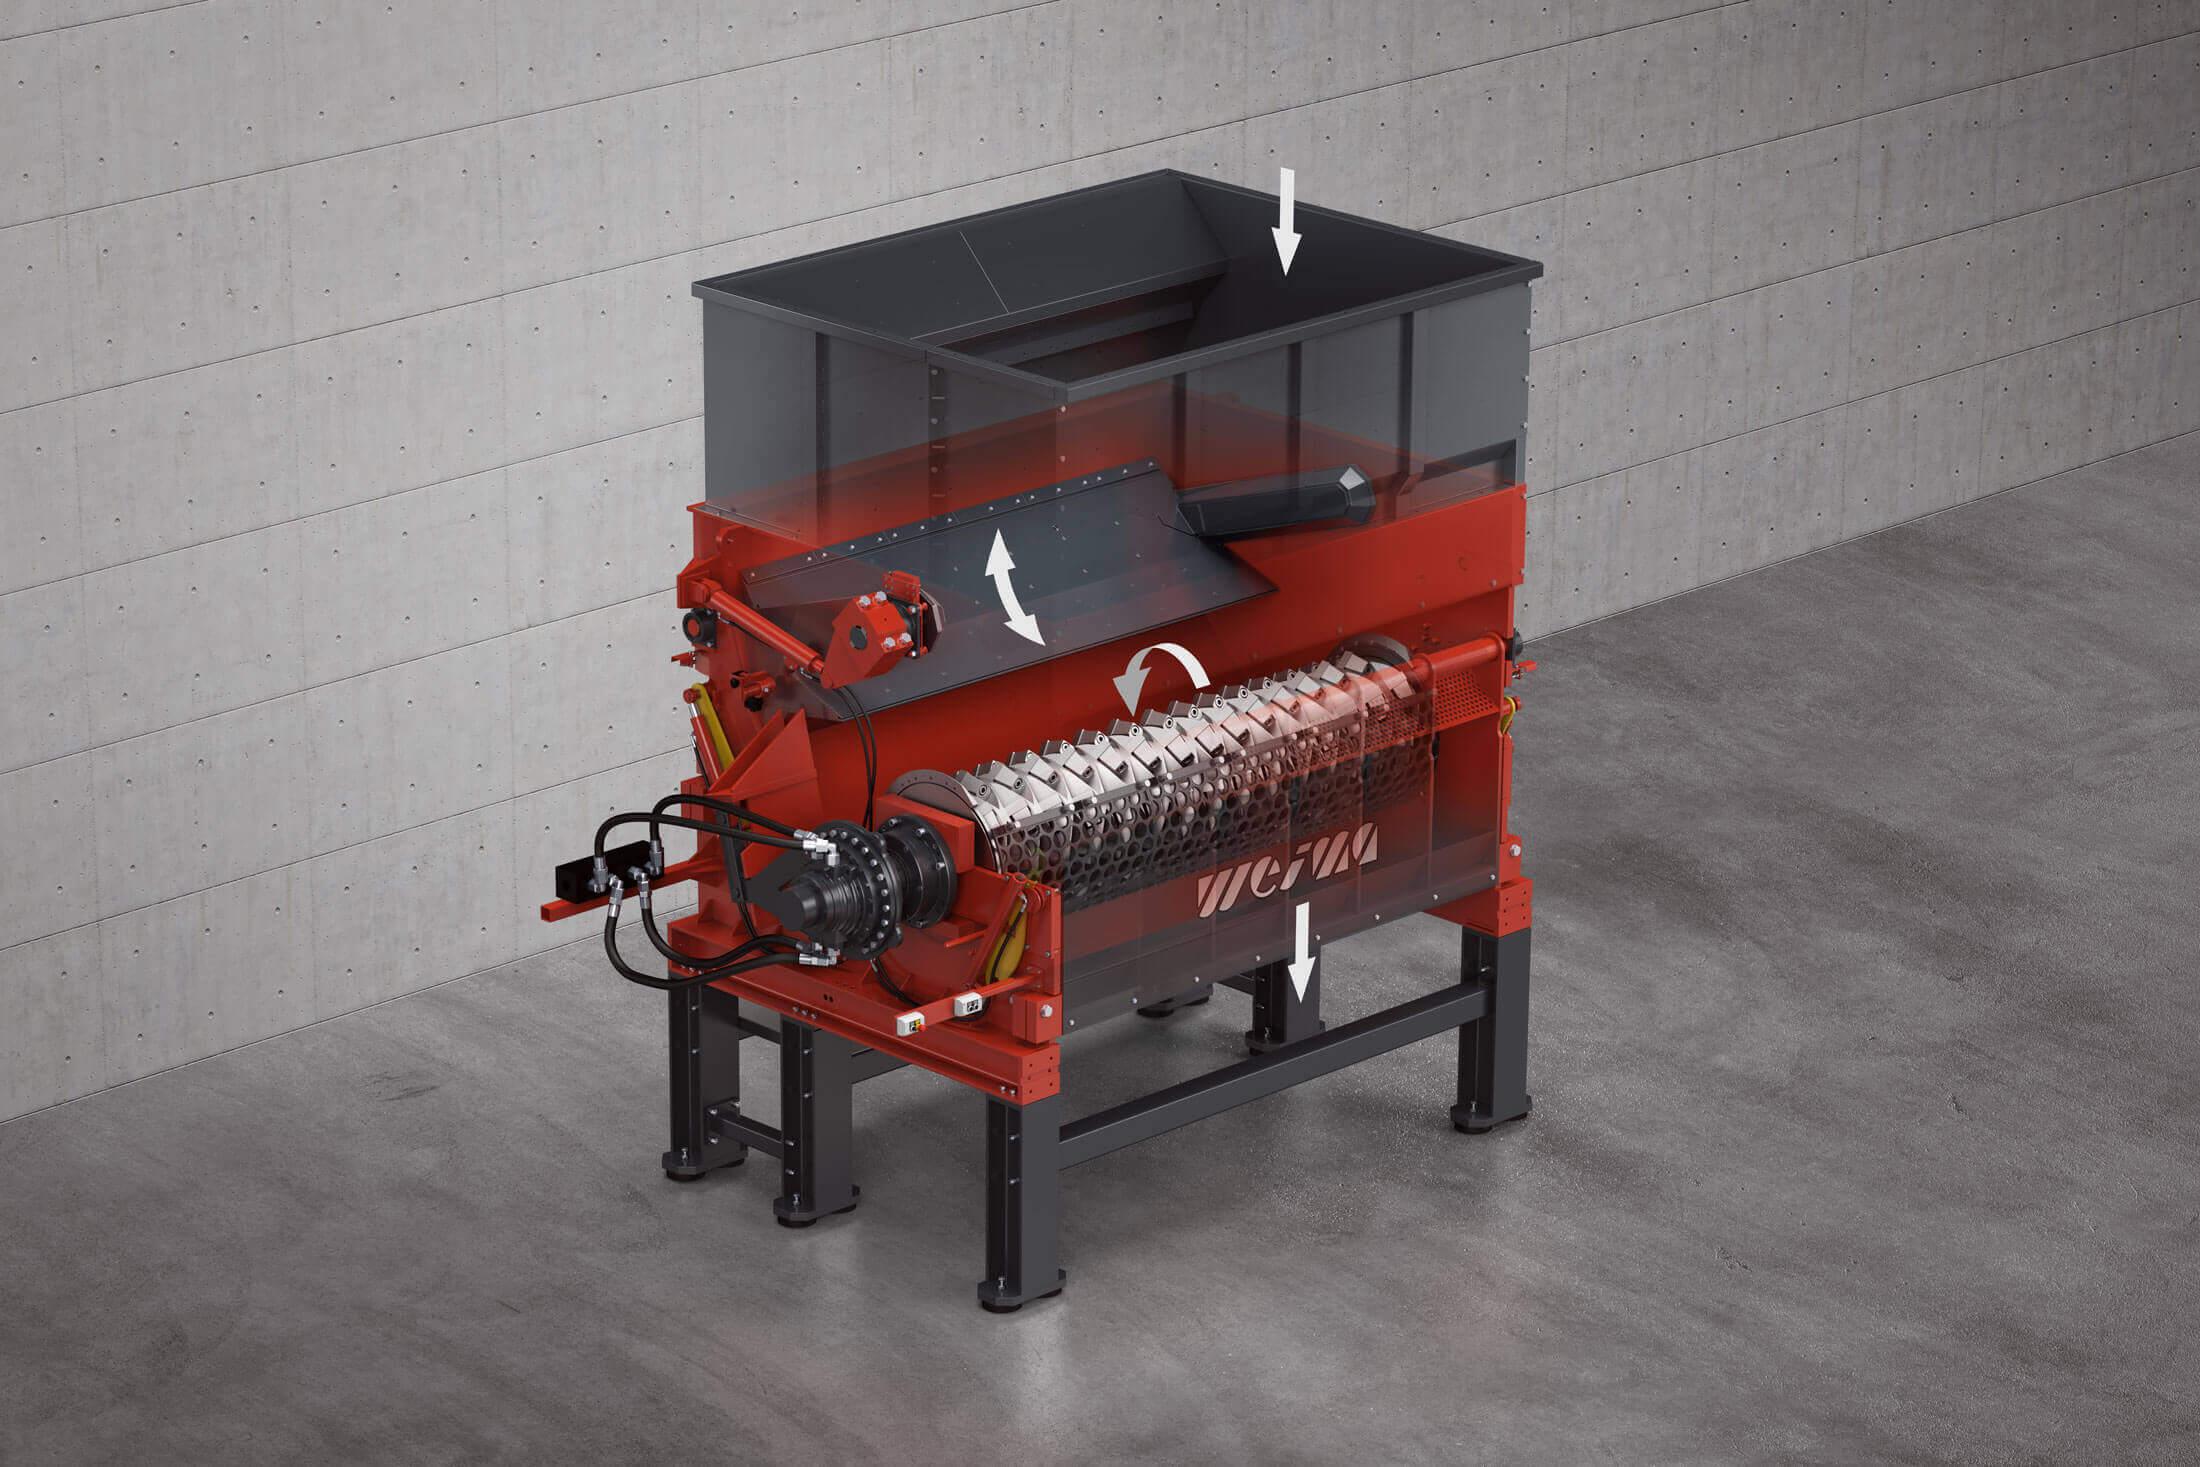 Gerendertes Bild des Einwellenzerkleinerers WEIMA PowerLine 3000 mit Röntgenansicht der Maschinenkomponenten